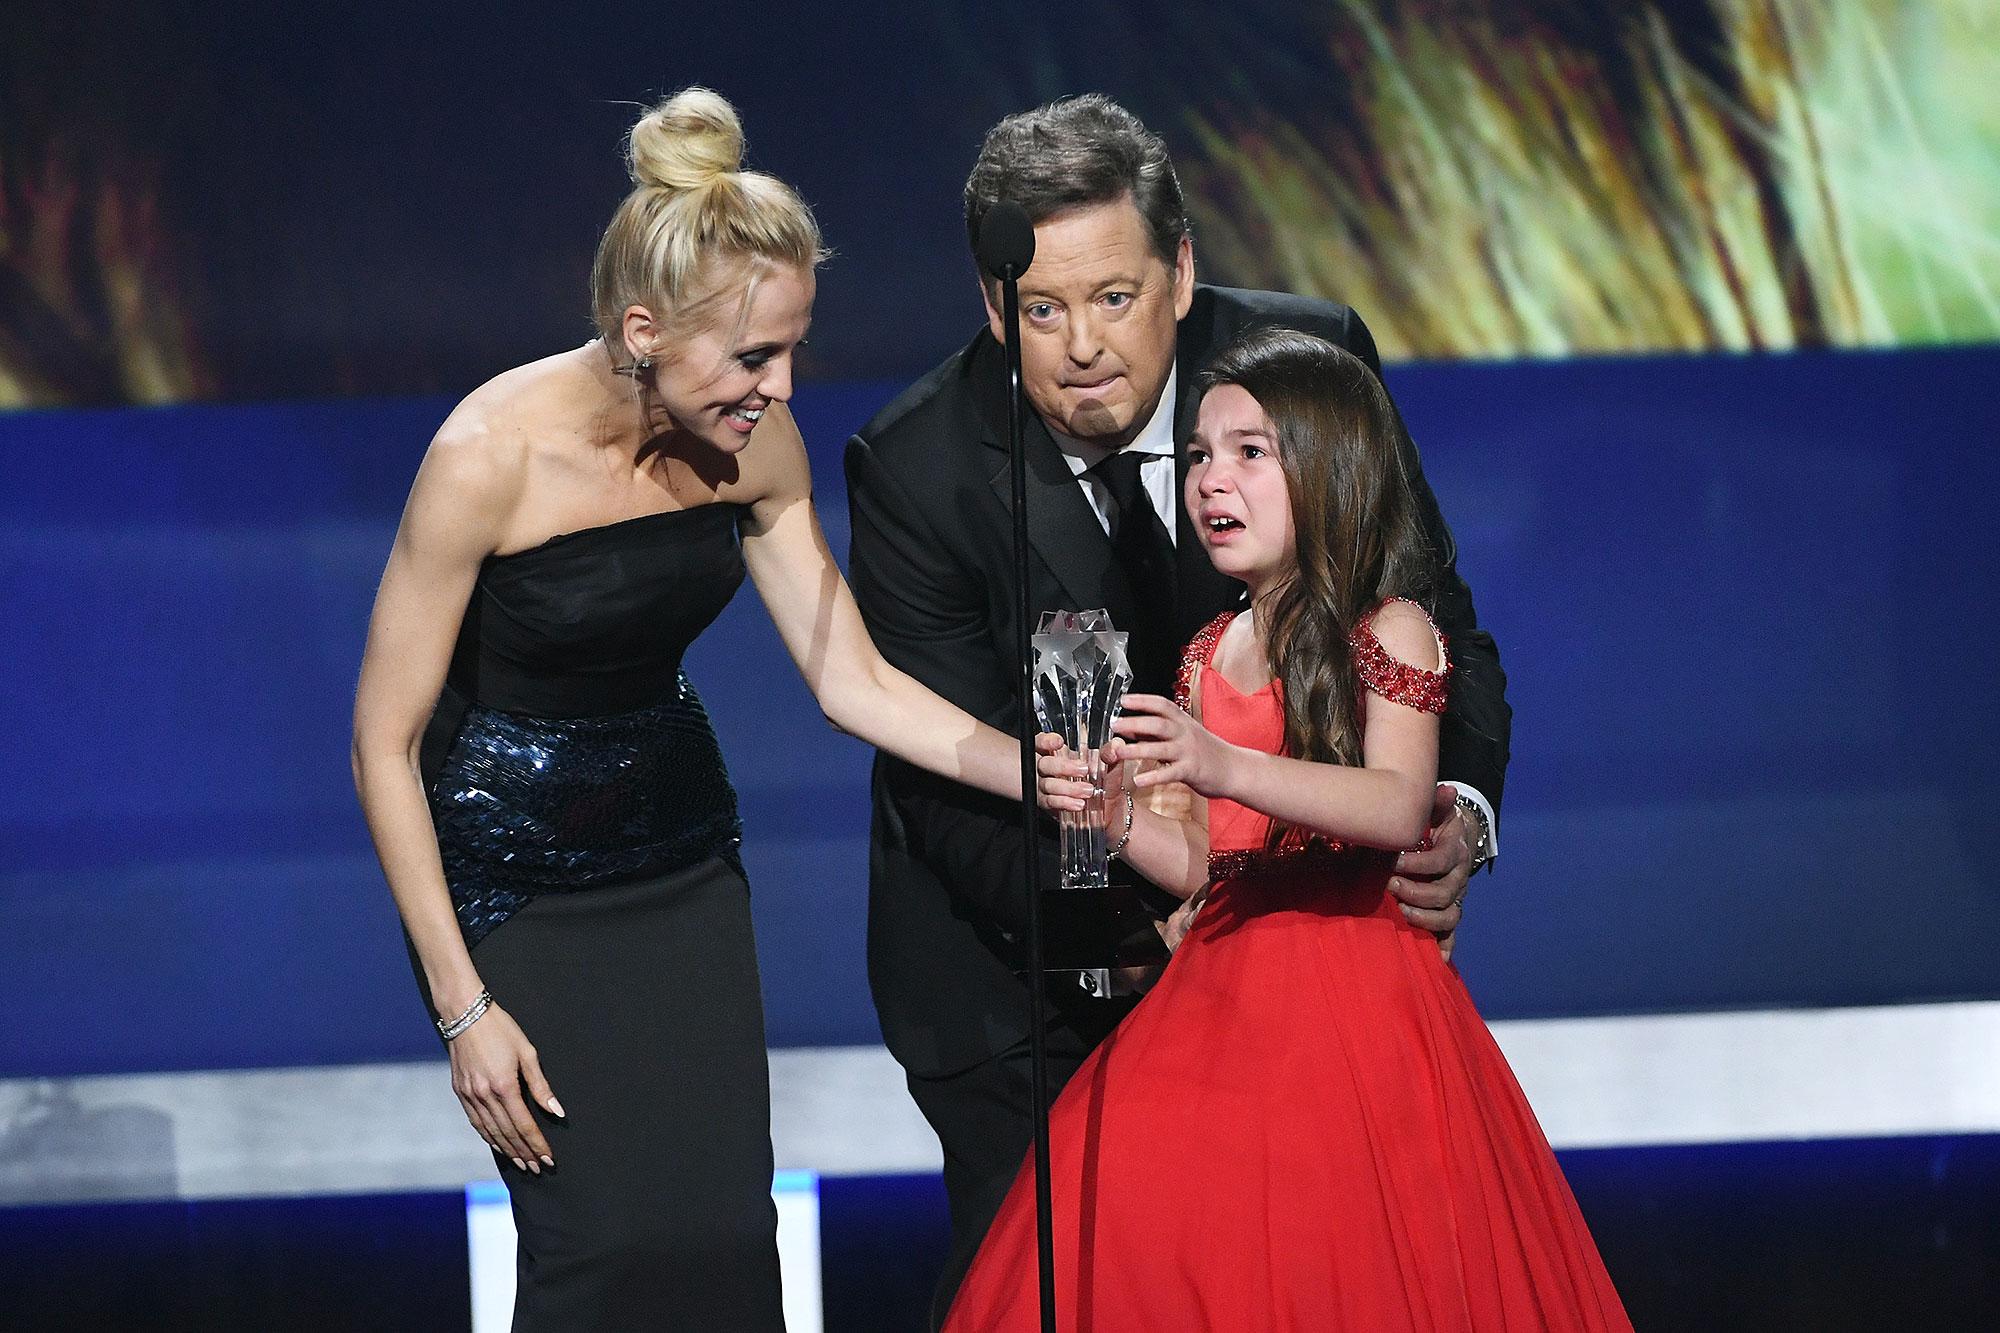 """حصلت بروكلين برنس على جائزة أفضل ممثلة شابة في حفل جوائز النقاد للأفلام """"annual Critics' Choice Awards"""" في دورته الـ23"""